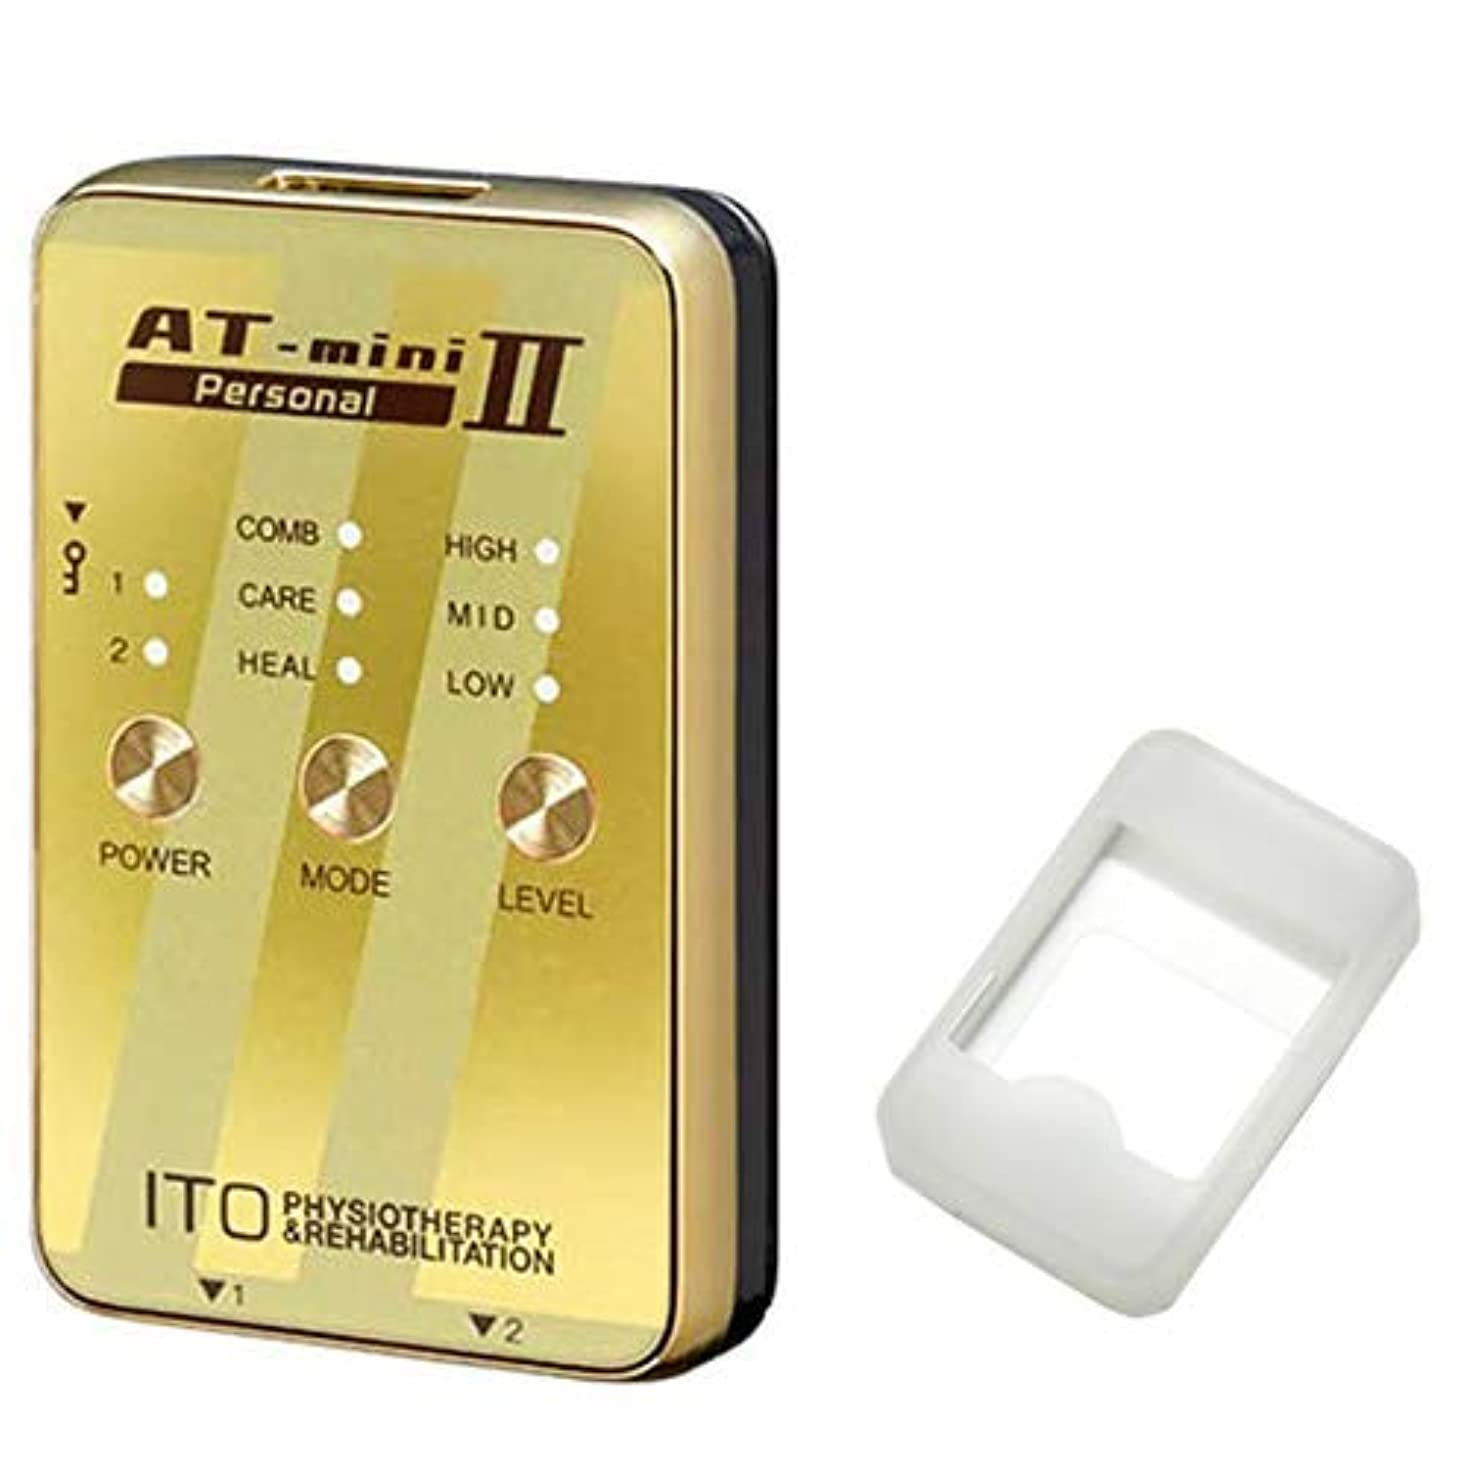 交換可能あいまいな机低周波治療器 AT-mini personal II ゴールド (ATミニパーソナル2) + シリコン保護ケース